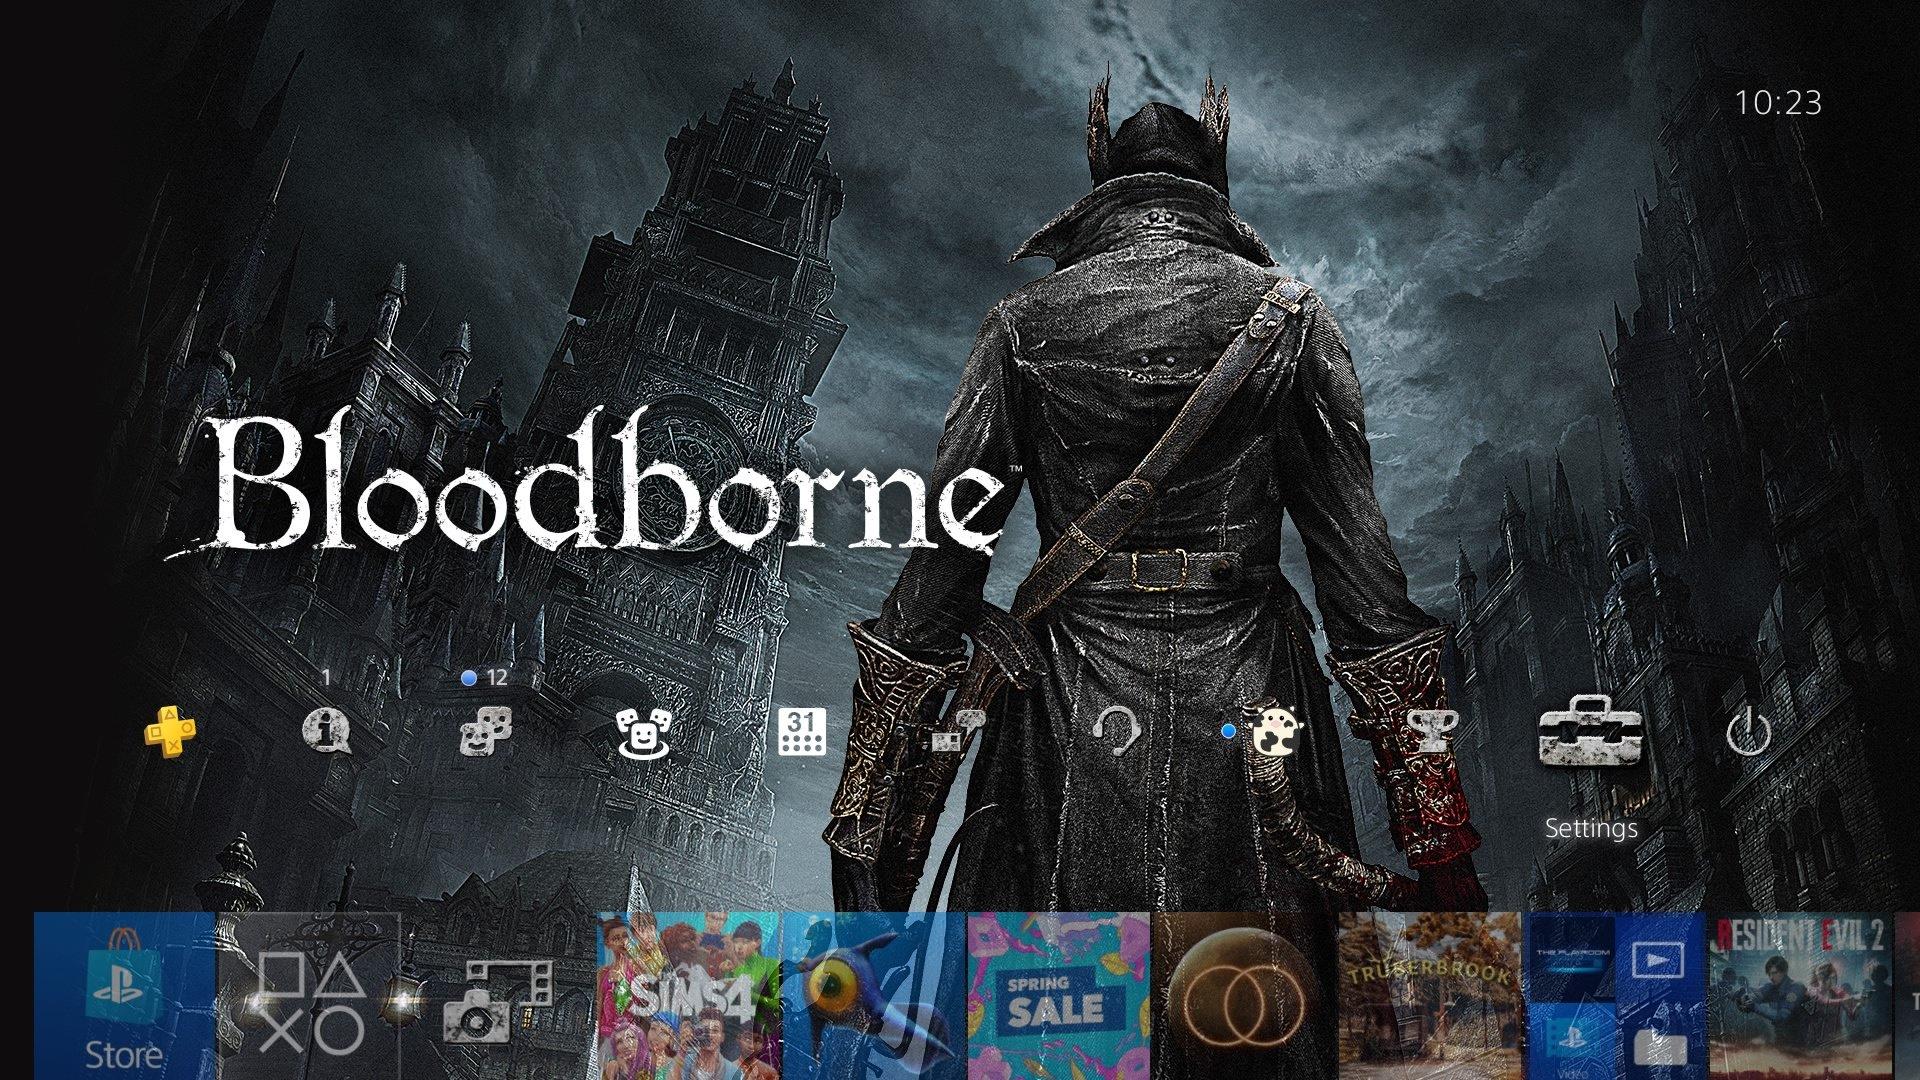 bloodborne city of yharnam theme.original - PlayStation 4 - Guida: i migliori temi gratuiti da scaricare